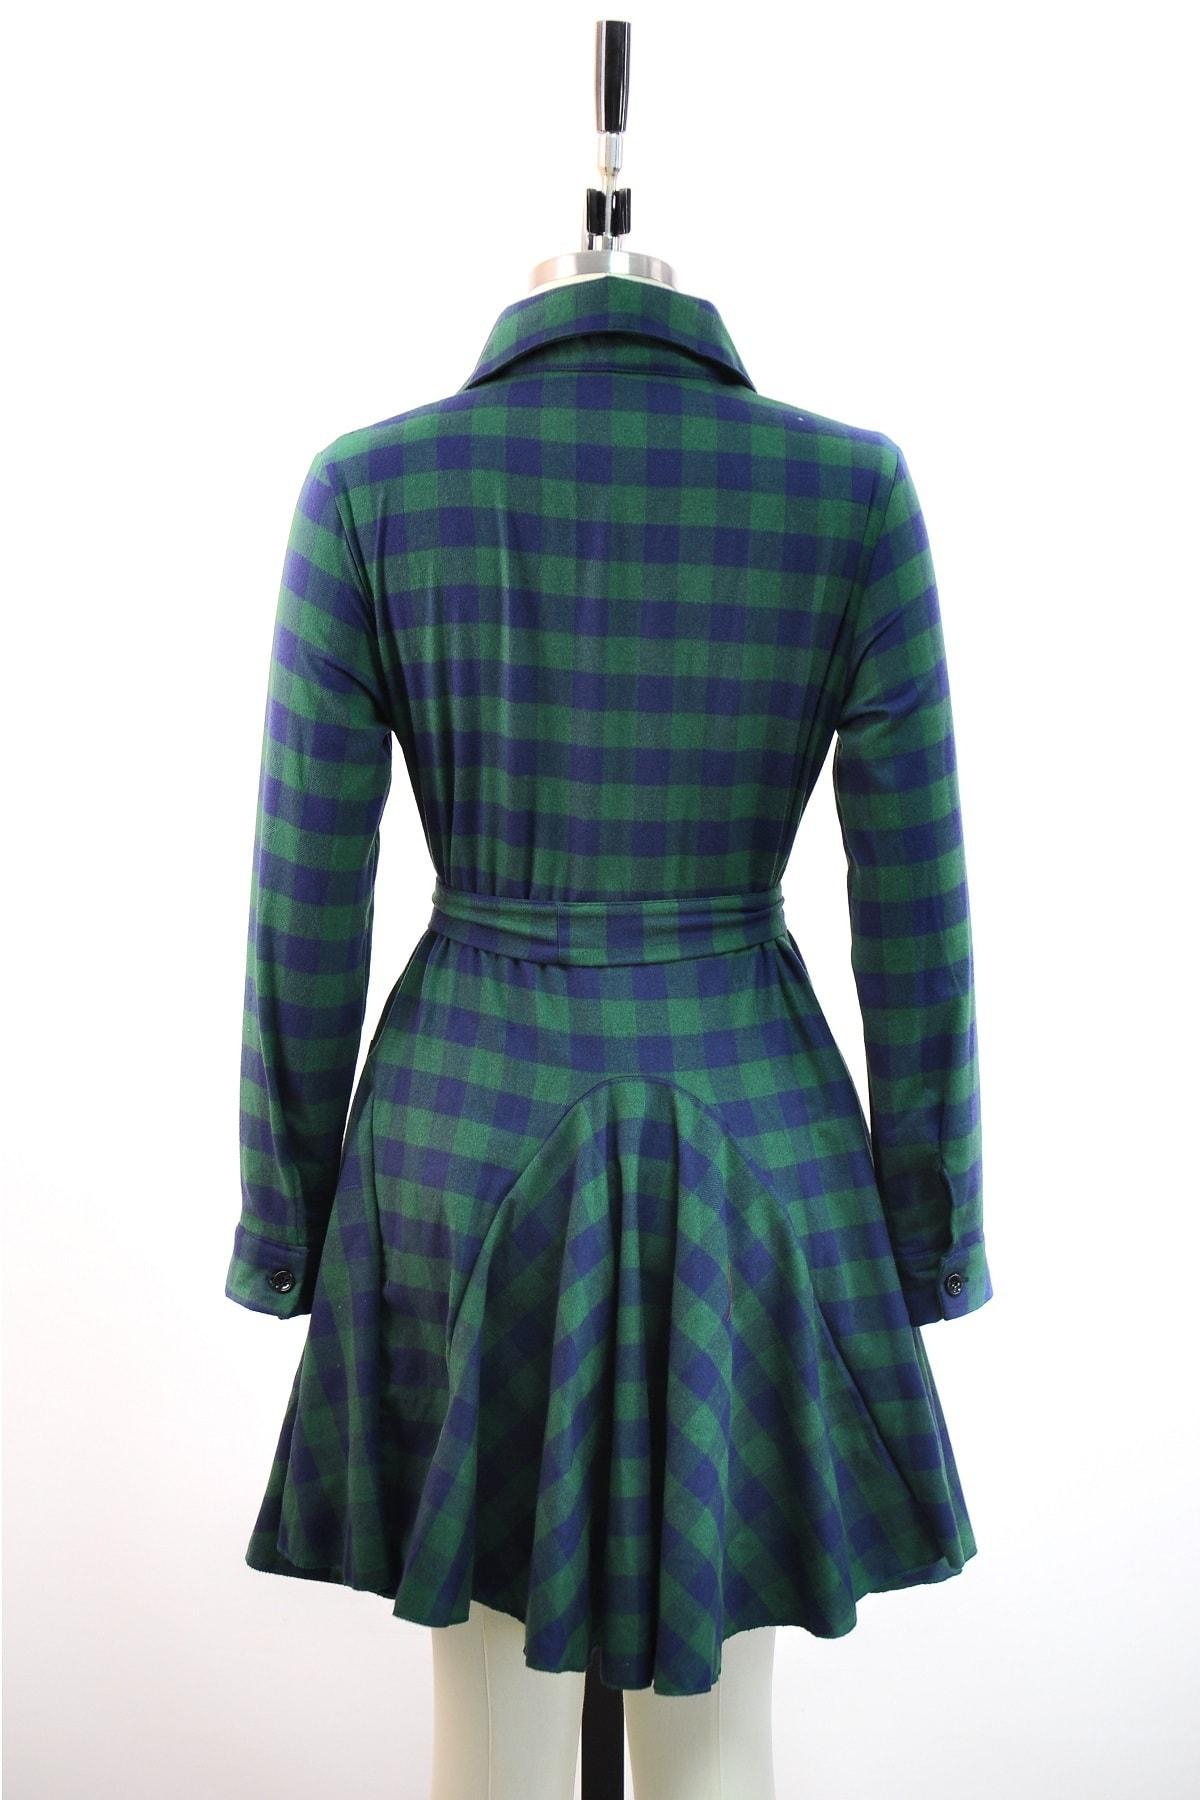 lovebox Ekose Desenli Mavi Yeşil Gömlek Elbise Günlük Tunik Gömlek 2